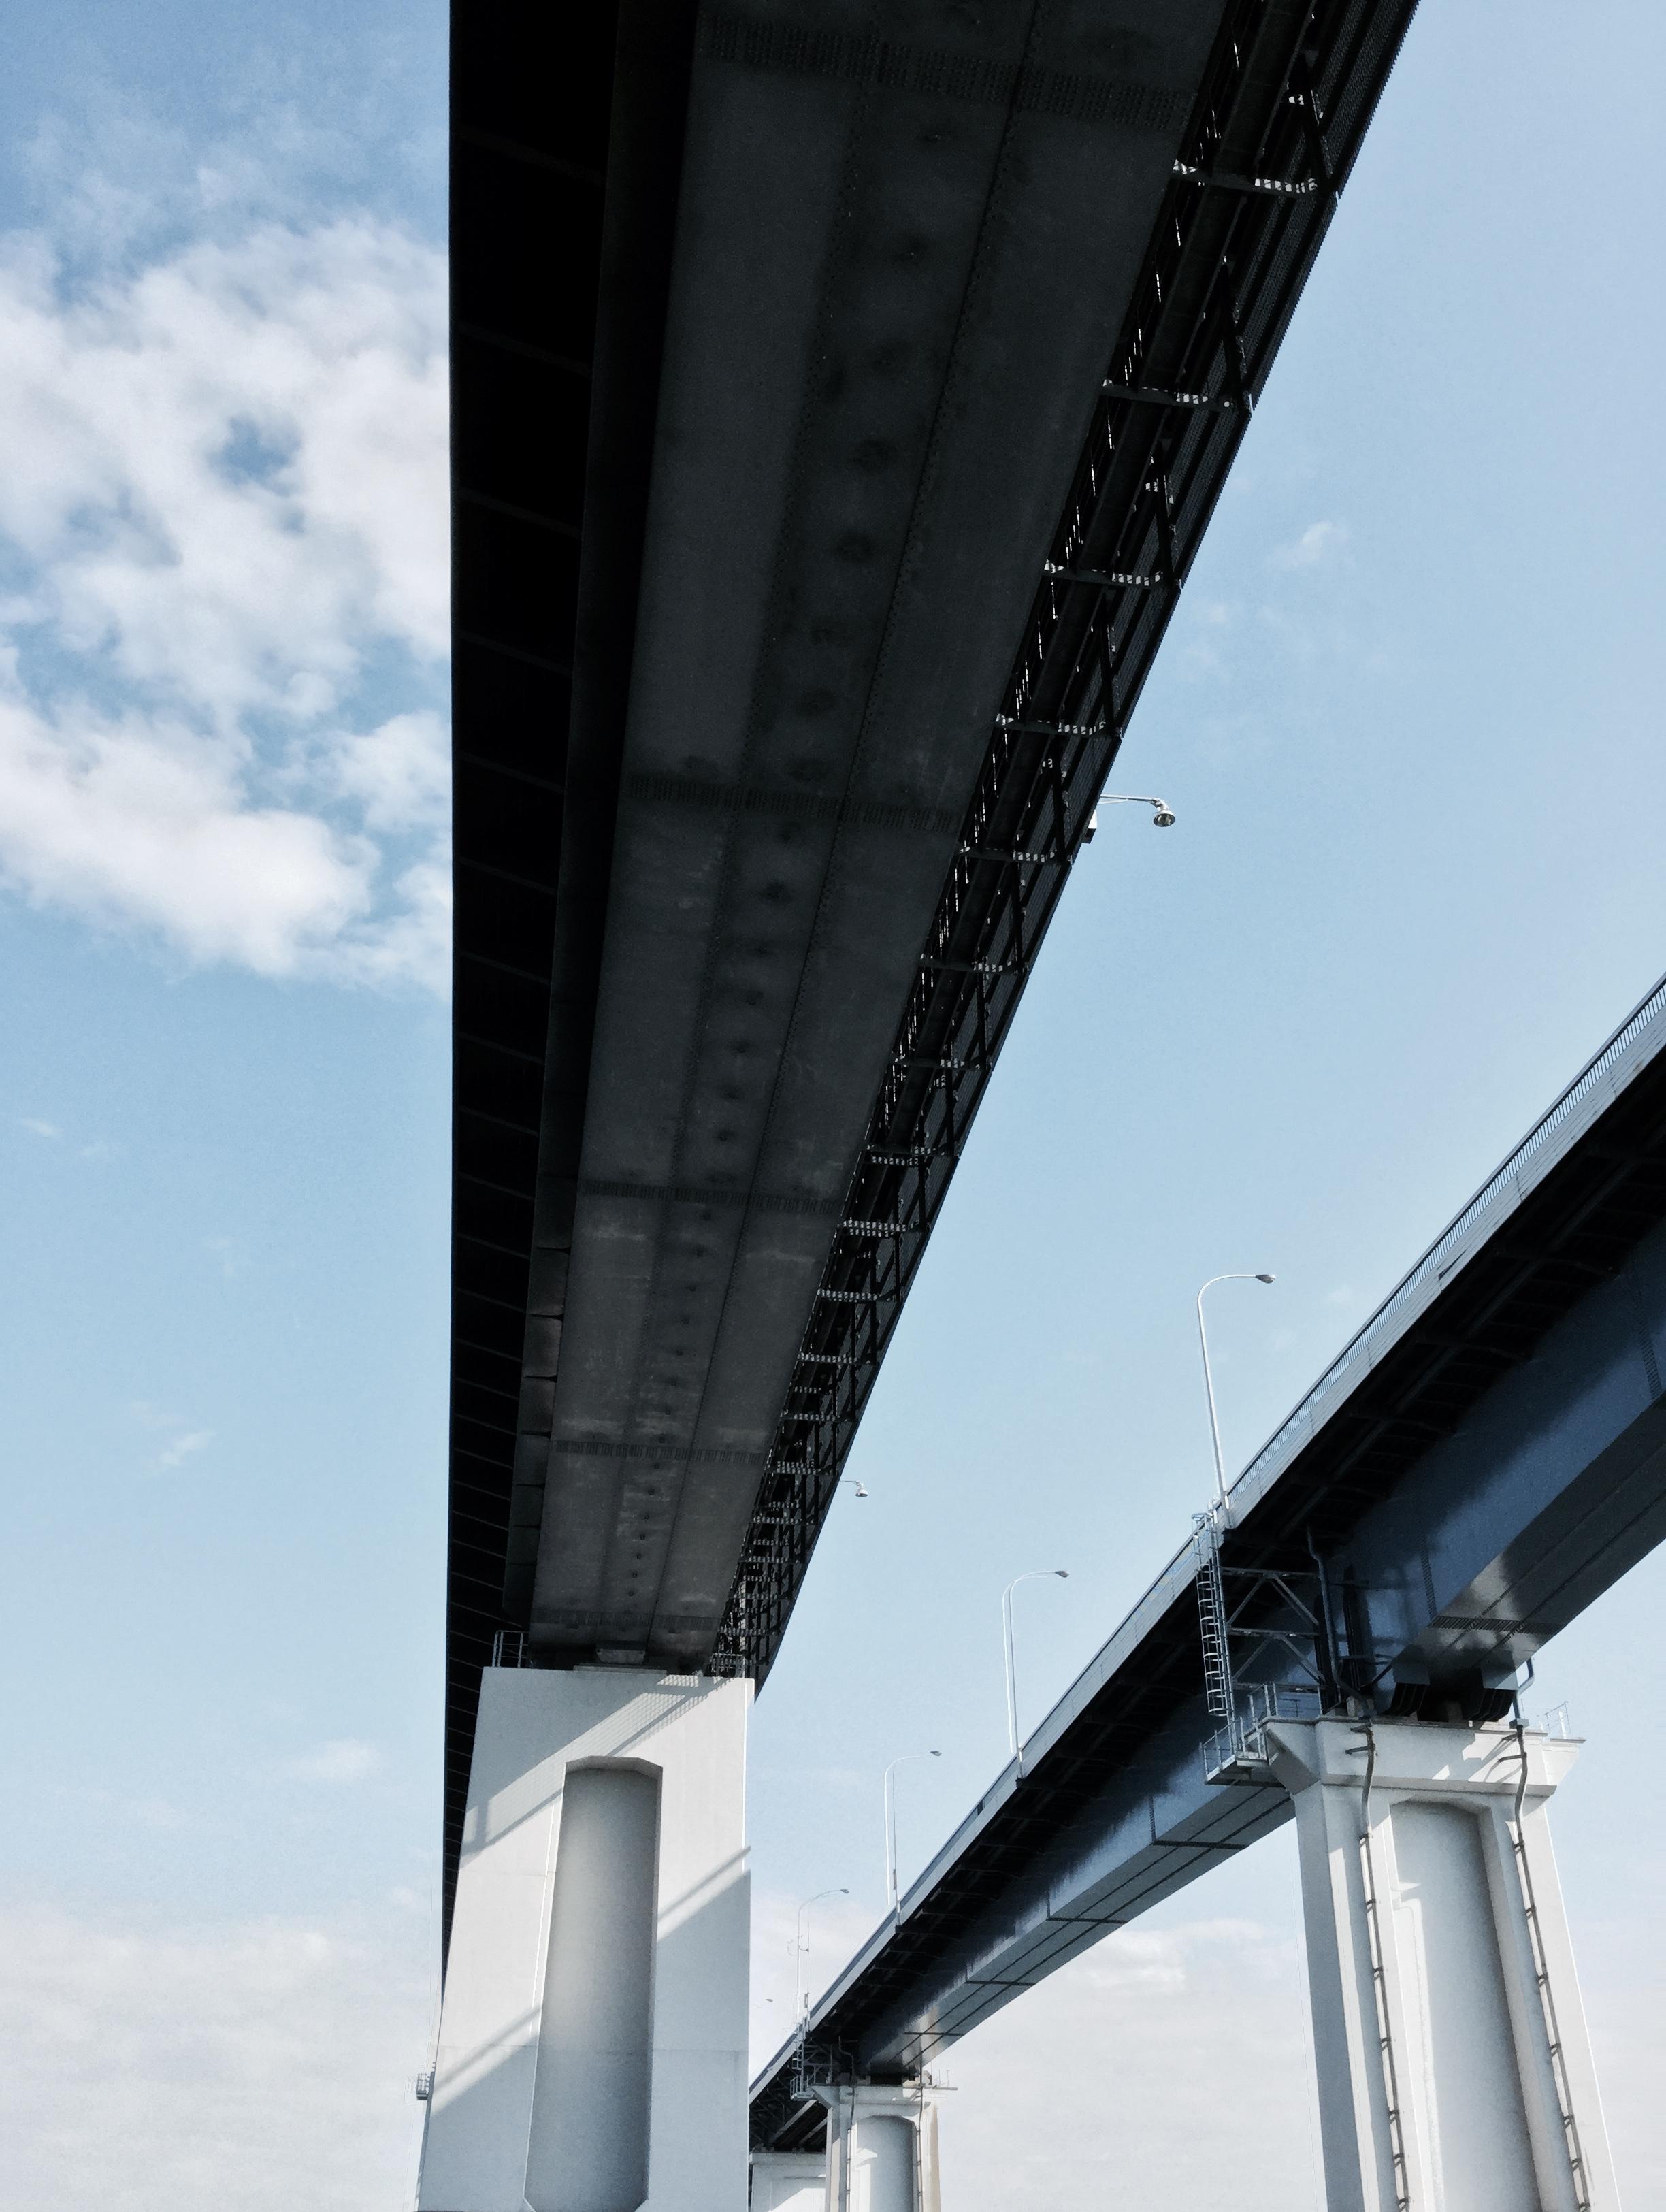 Dwarfed by  Biwako's 'Ohashi toll bridges'.